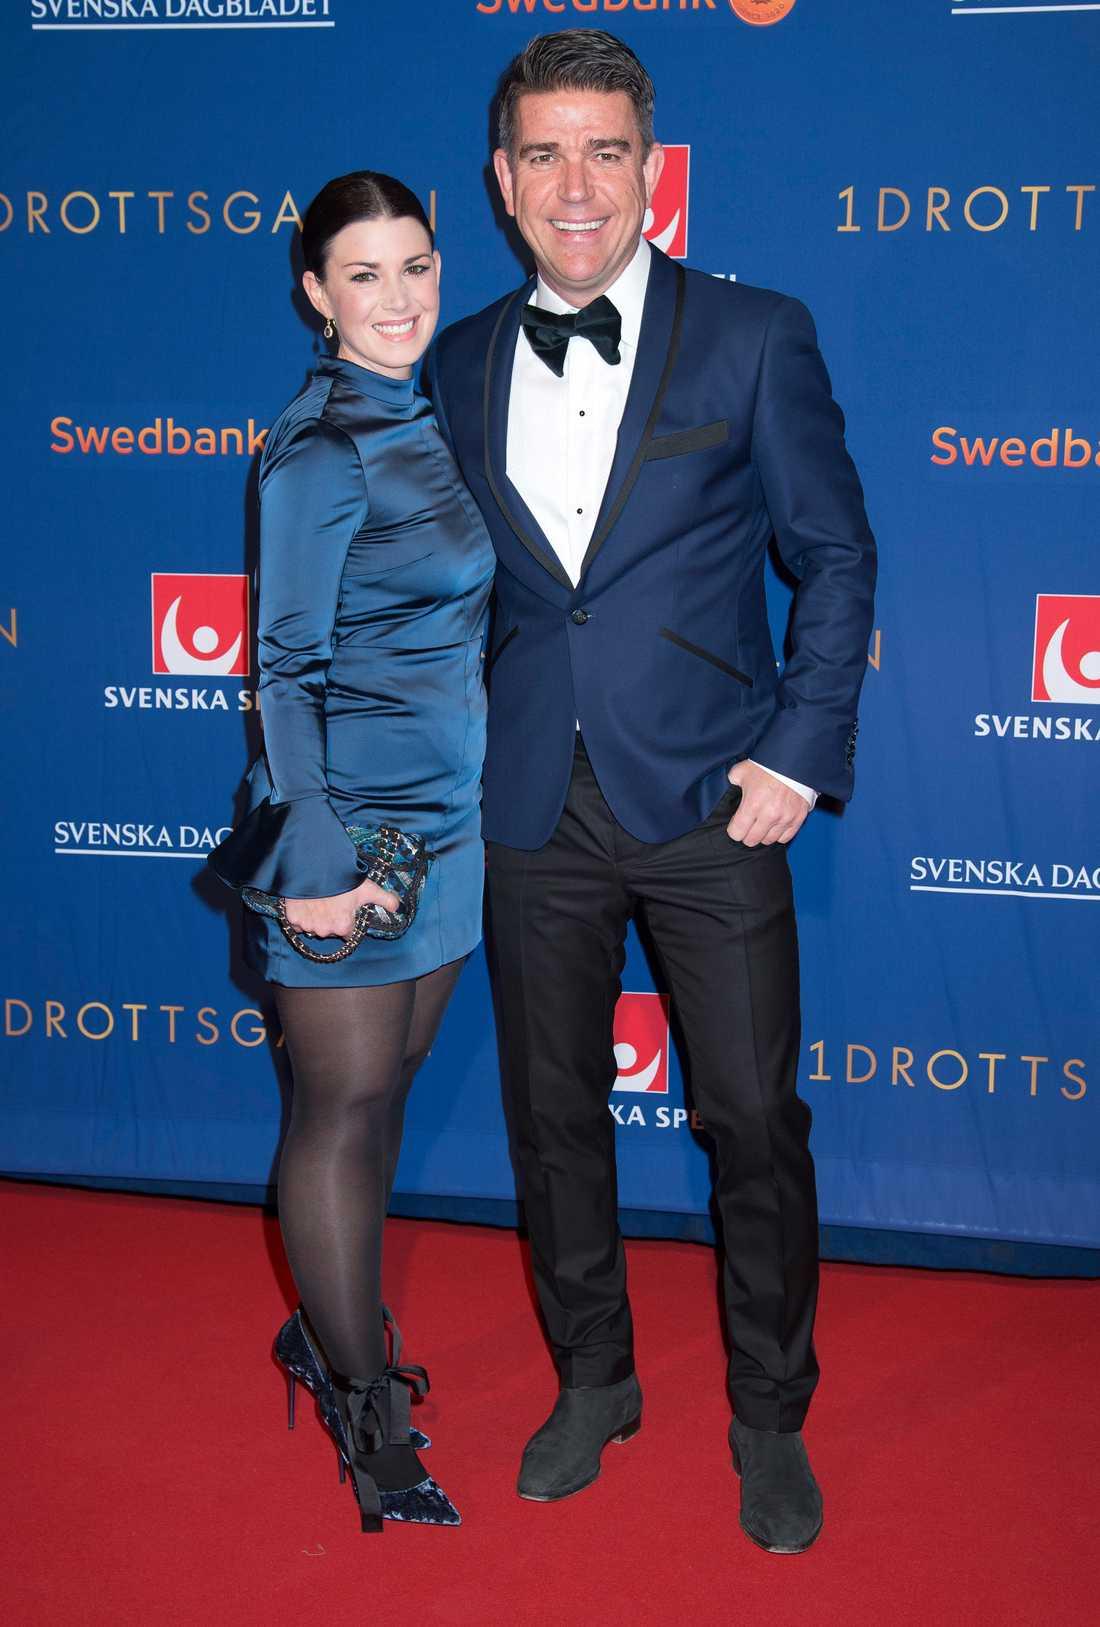 Patrick Ekwall Har Gift Sig Aftonbladet